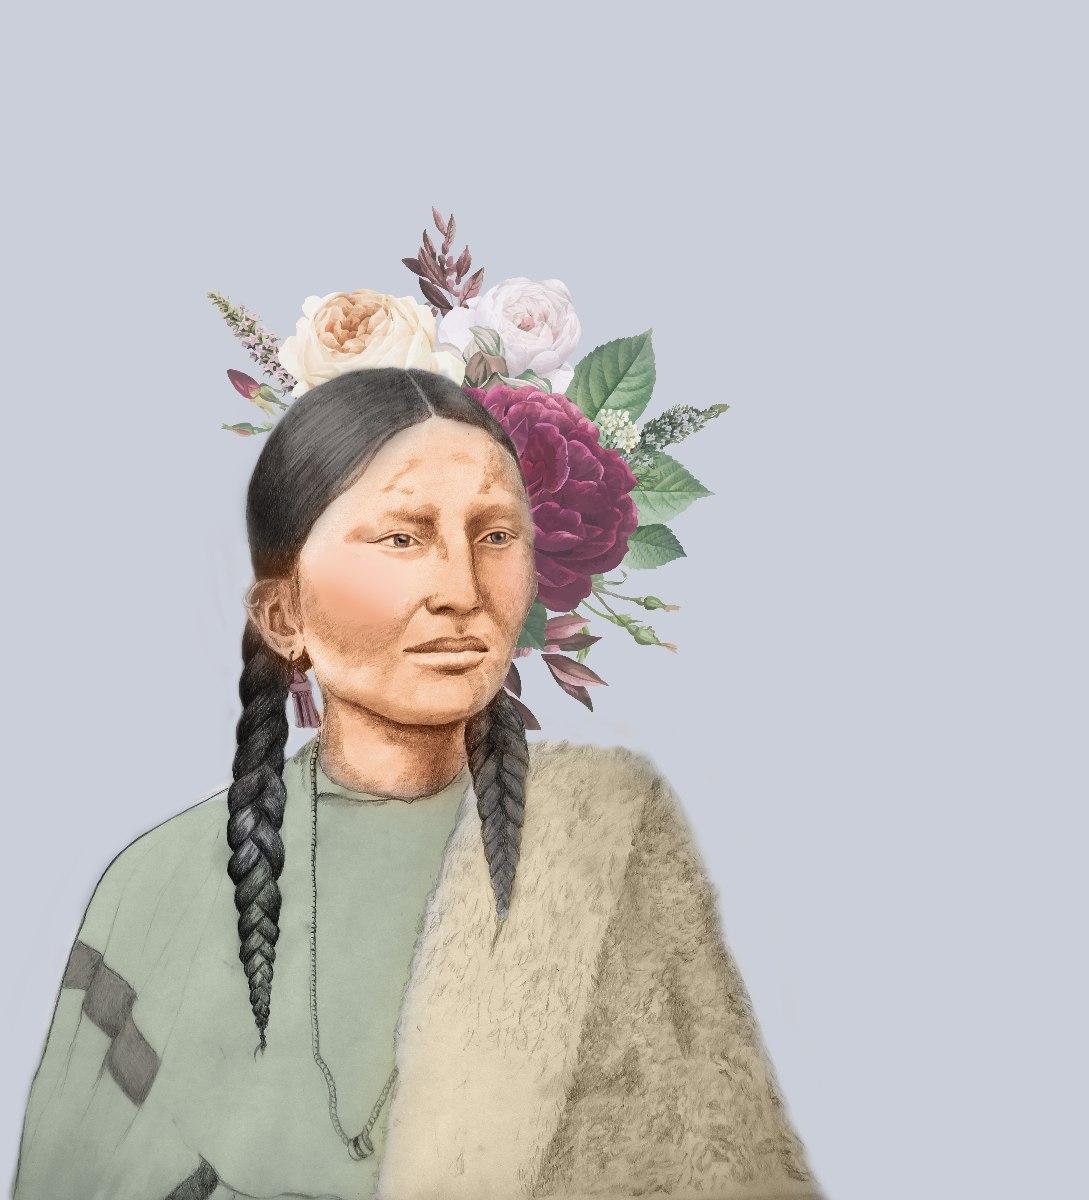 הדפס ציור נייר - הלוחמת האינדיאנית פריטינוז